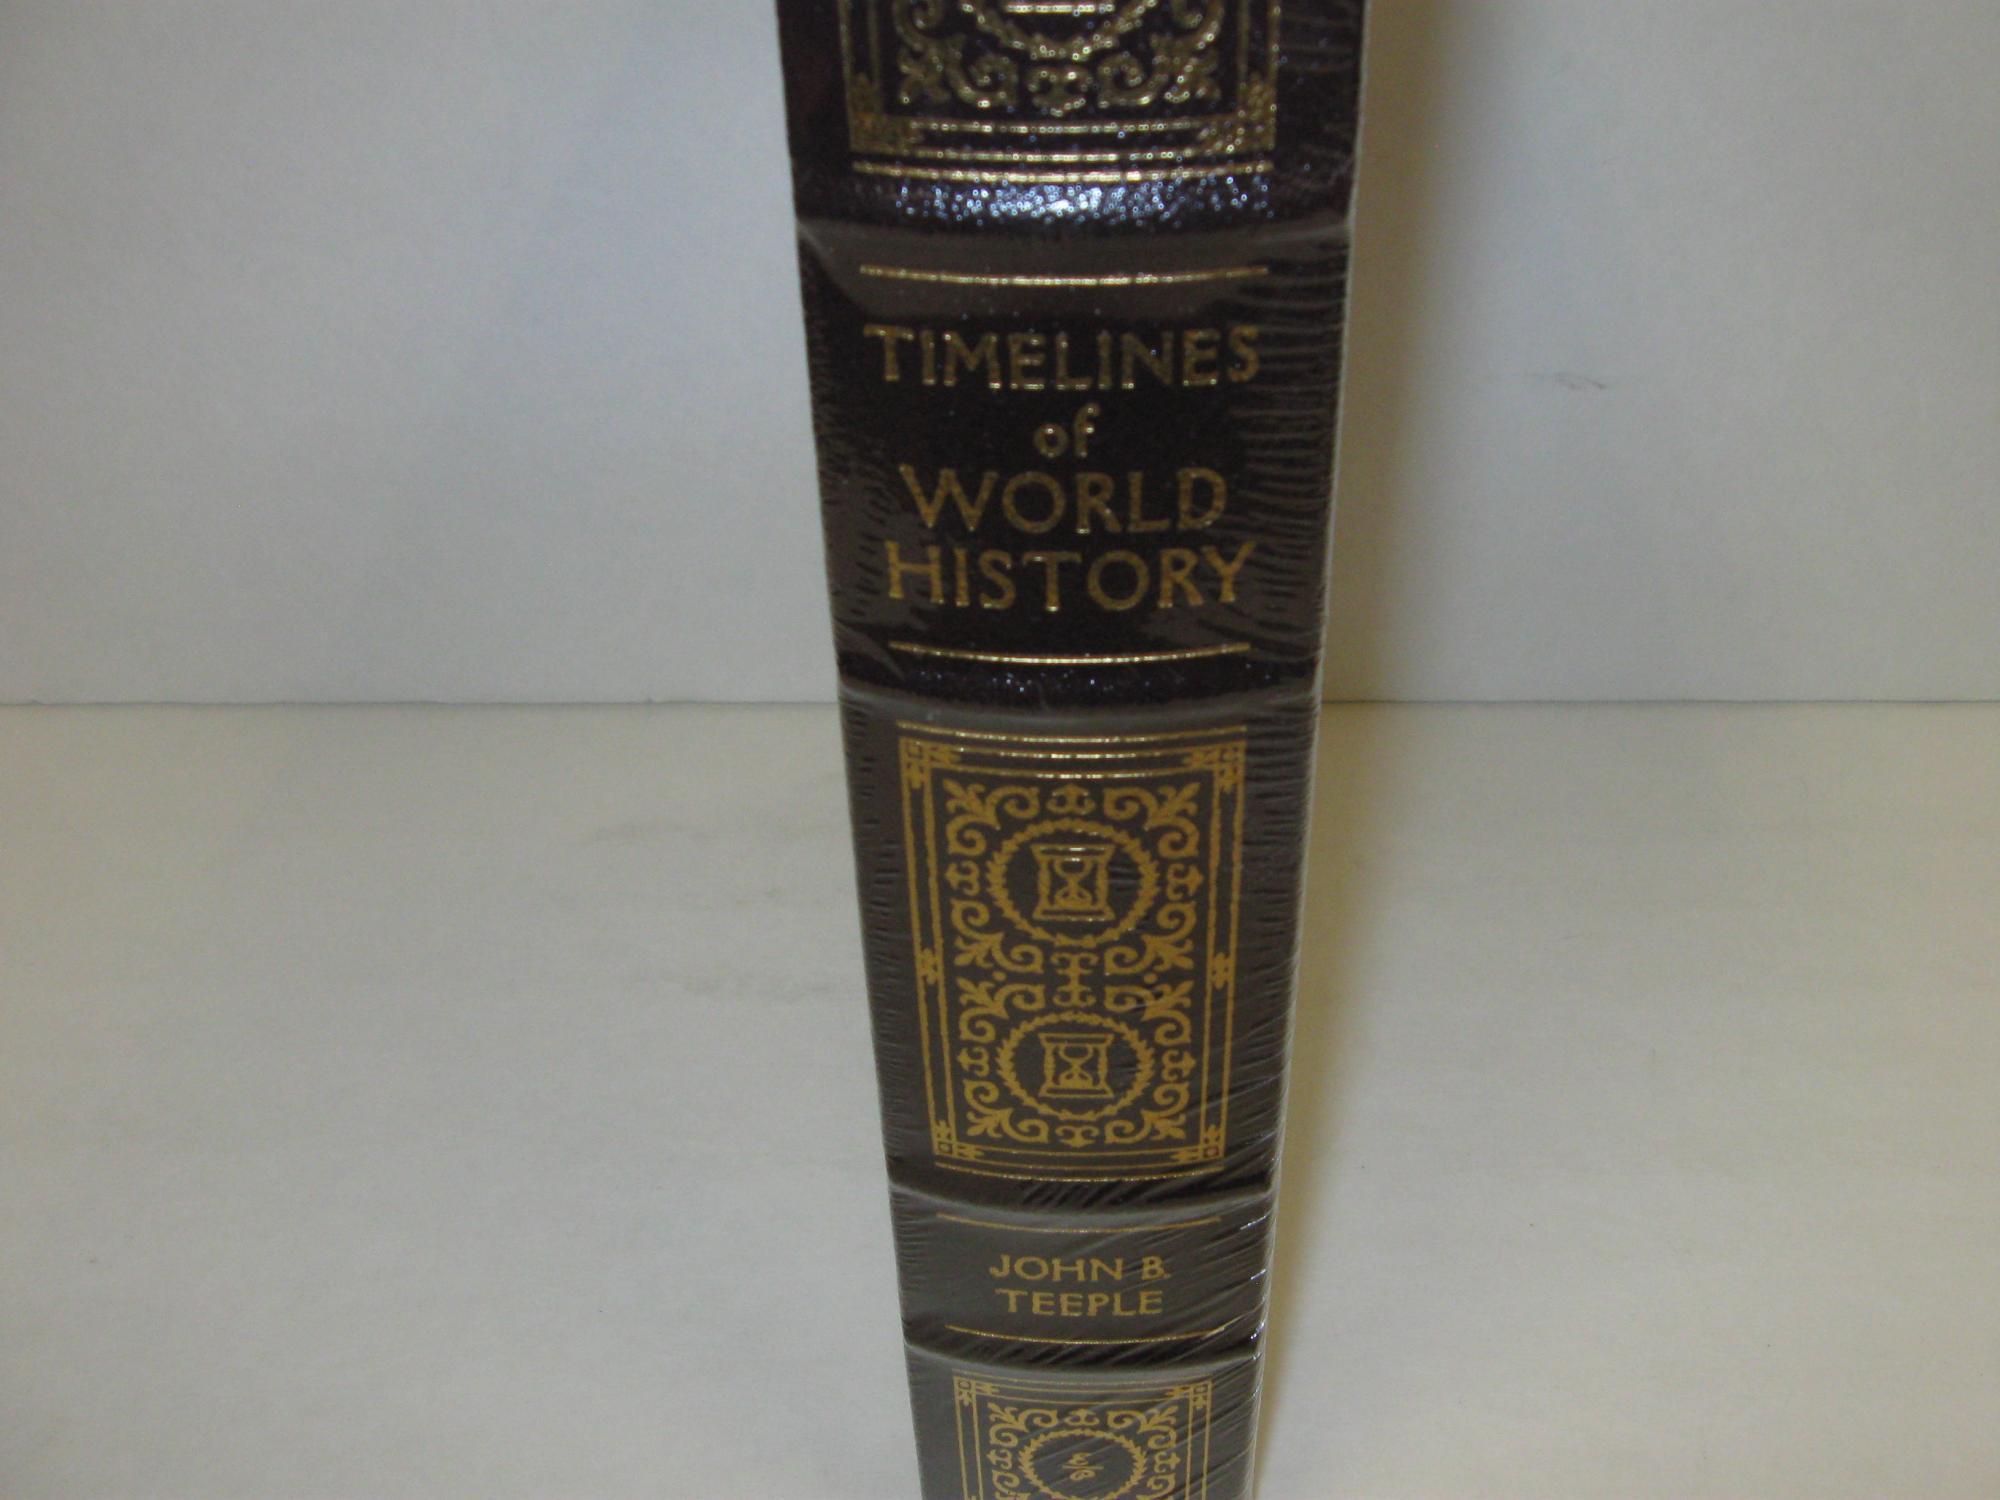 Timelines of World History: Teeple, John B.